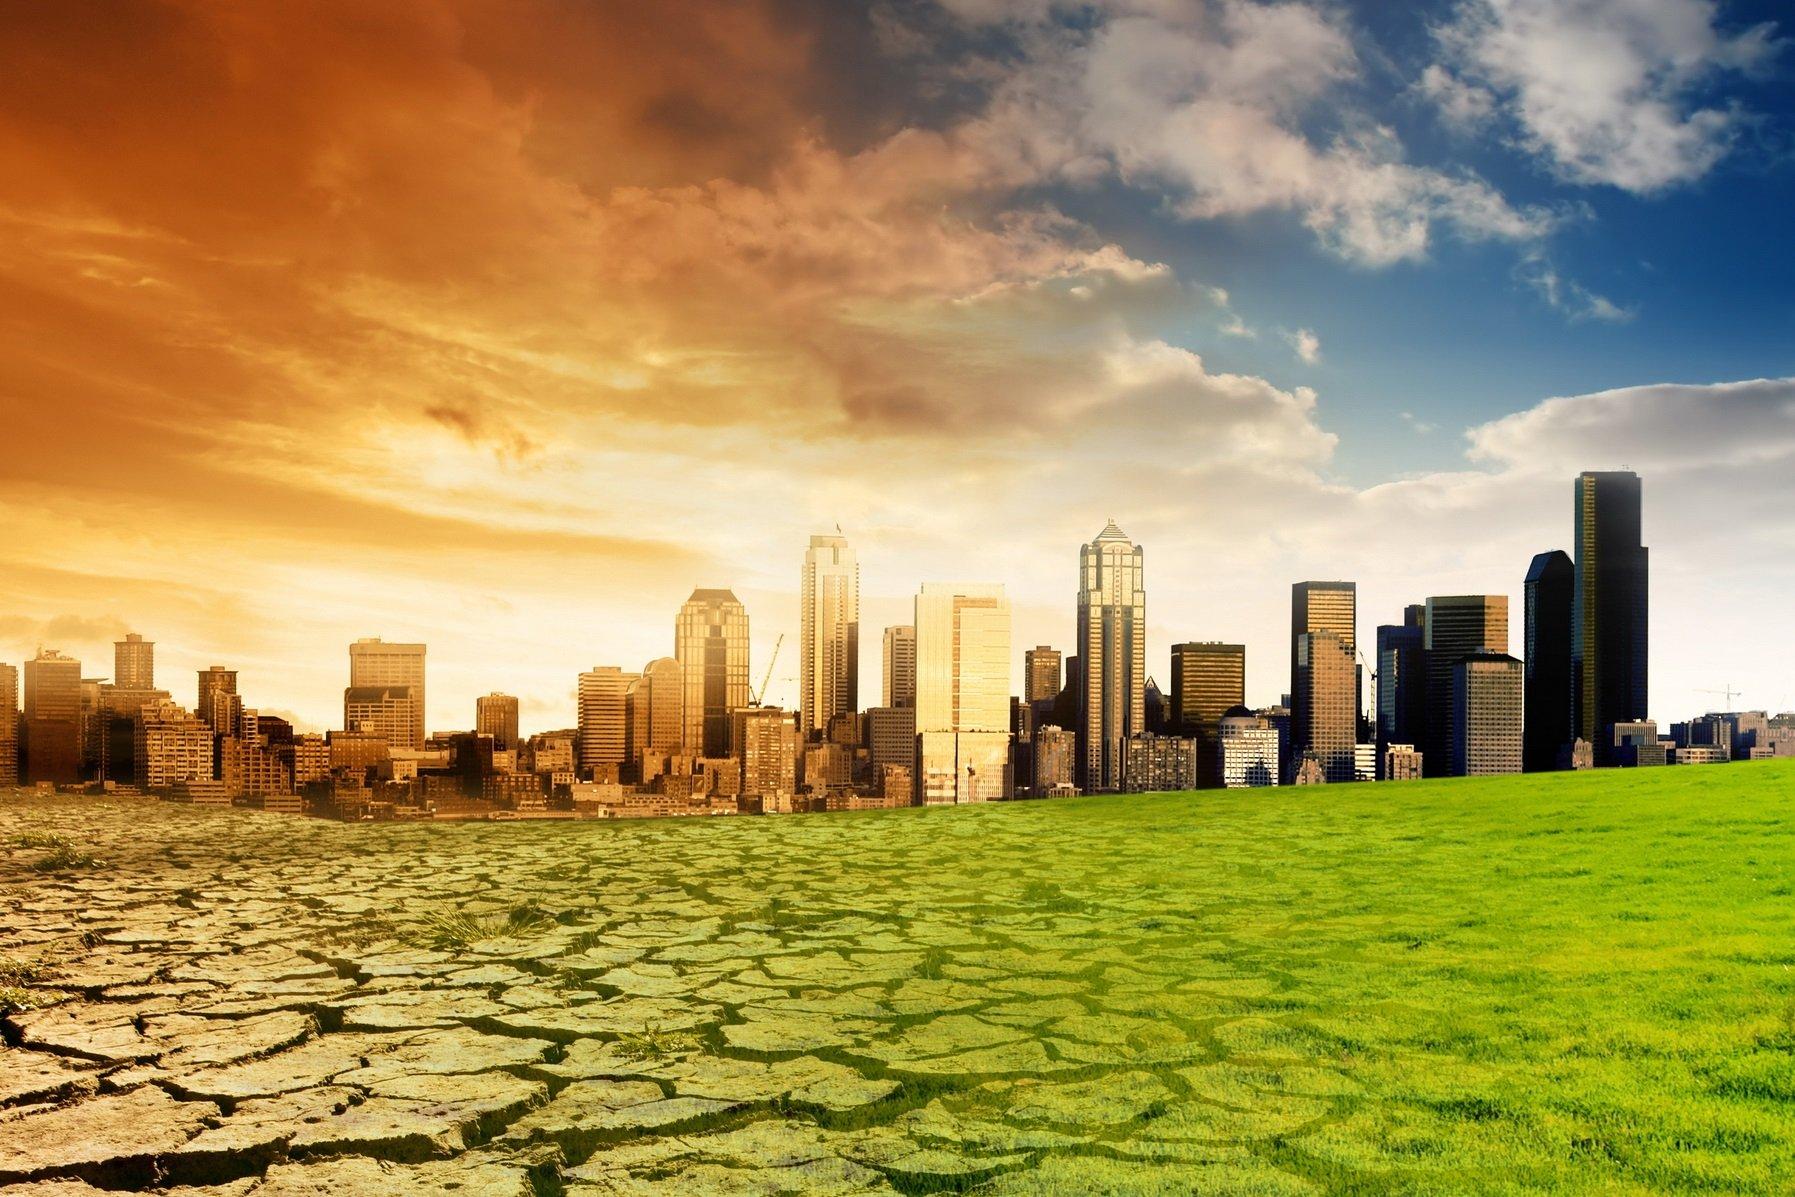 15.000 alim qlobal ekoloji fəlakət haqqında xəbərdarlıq etdi